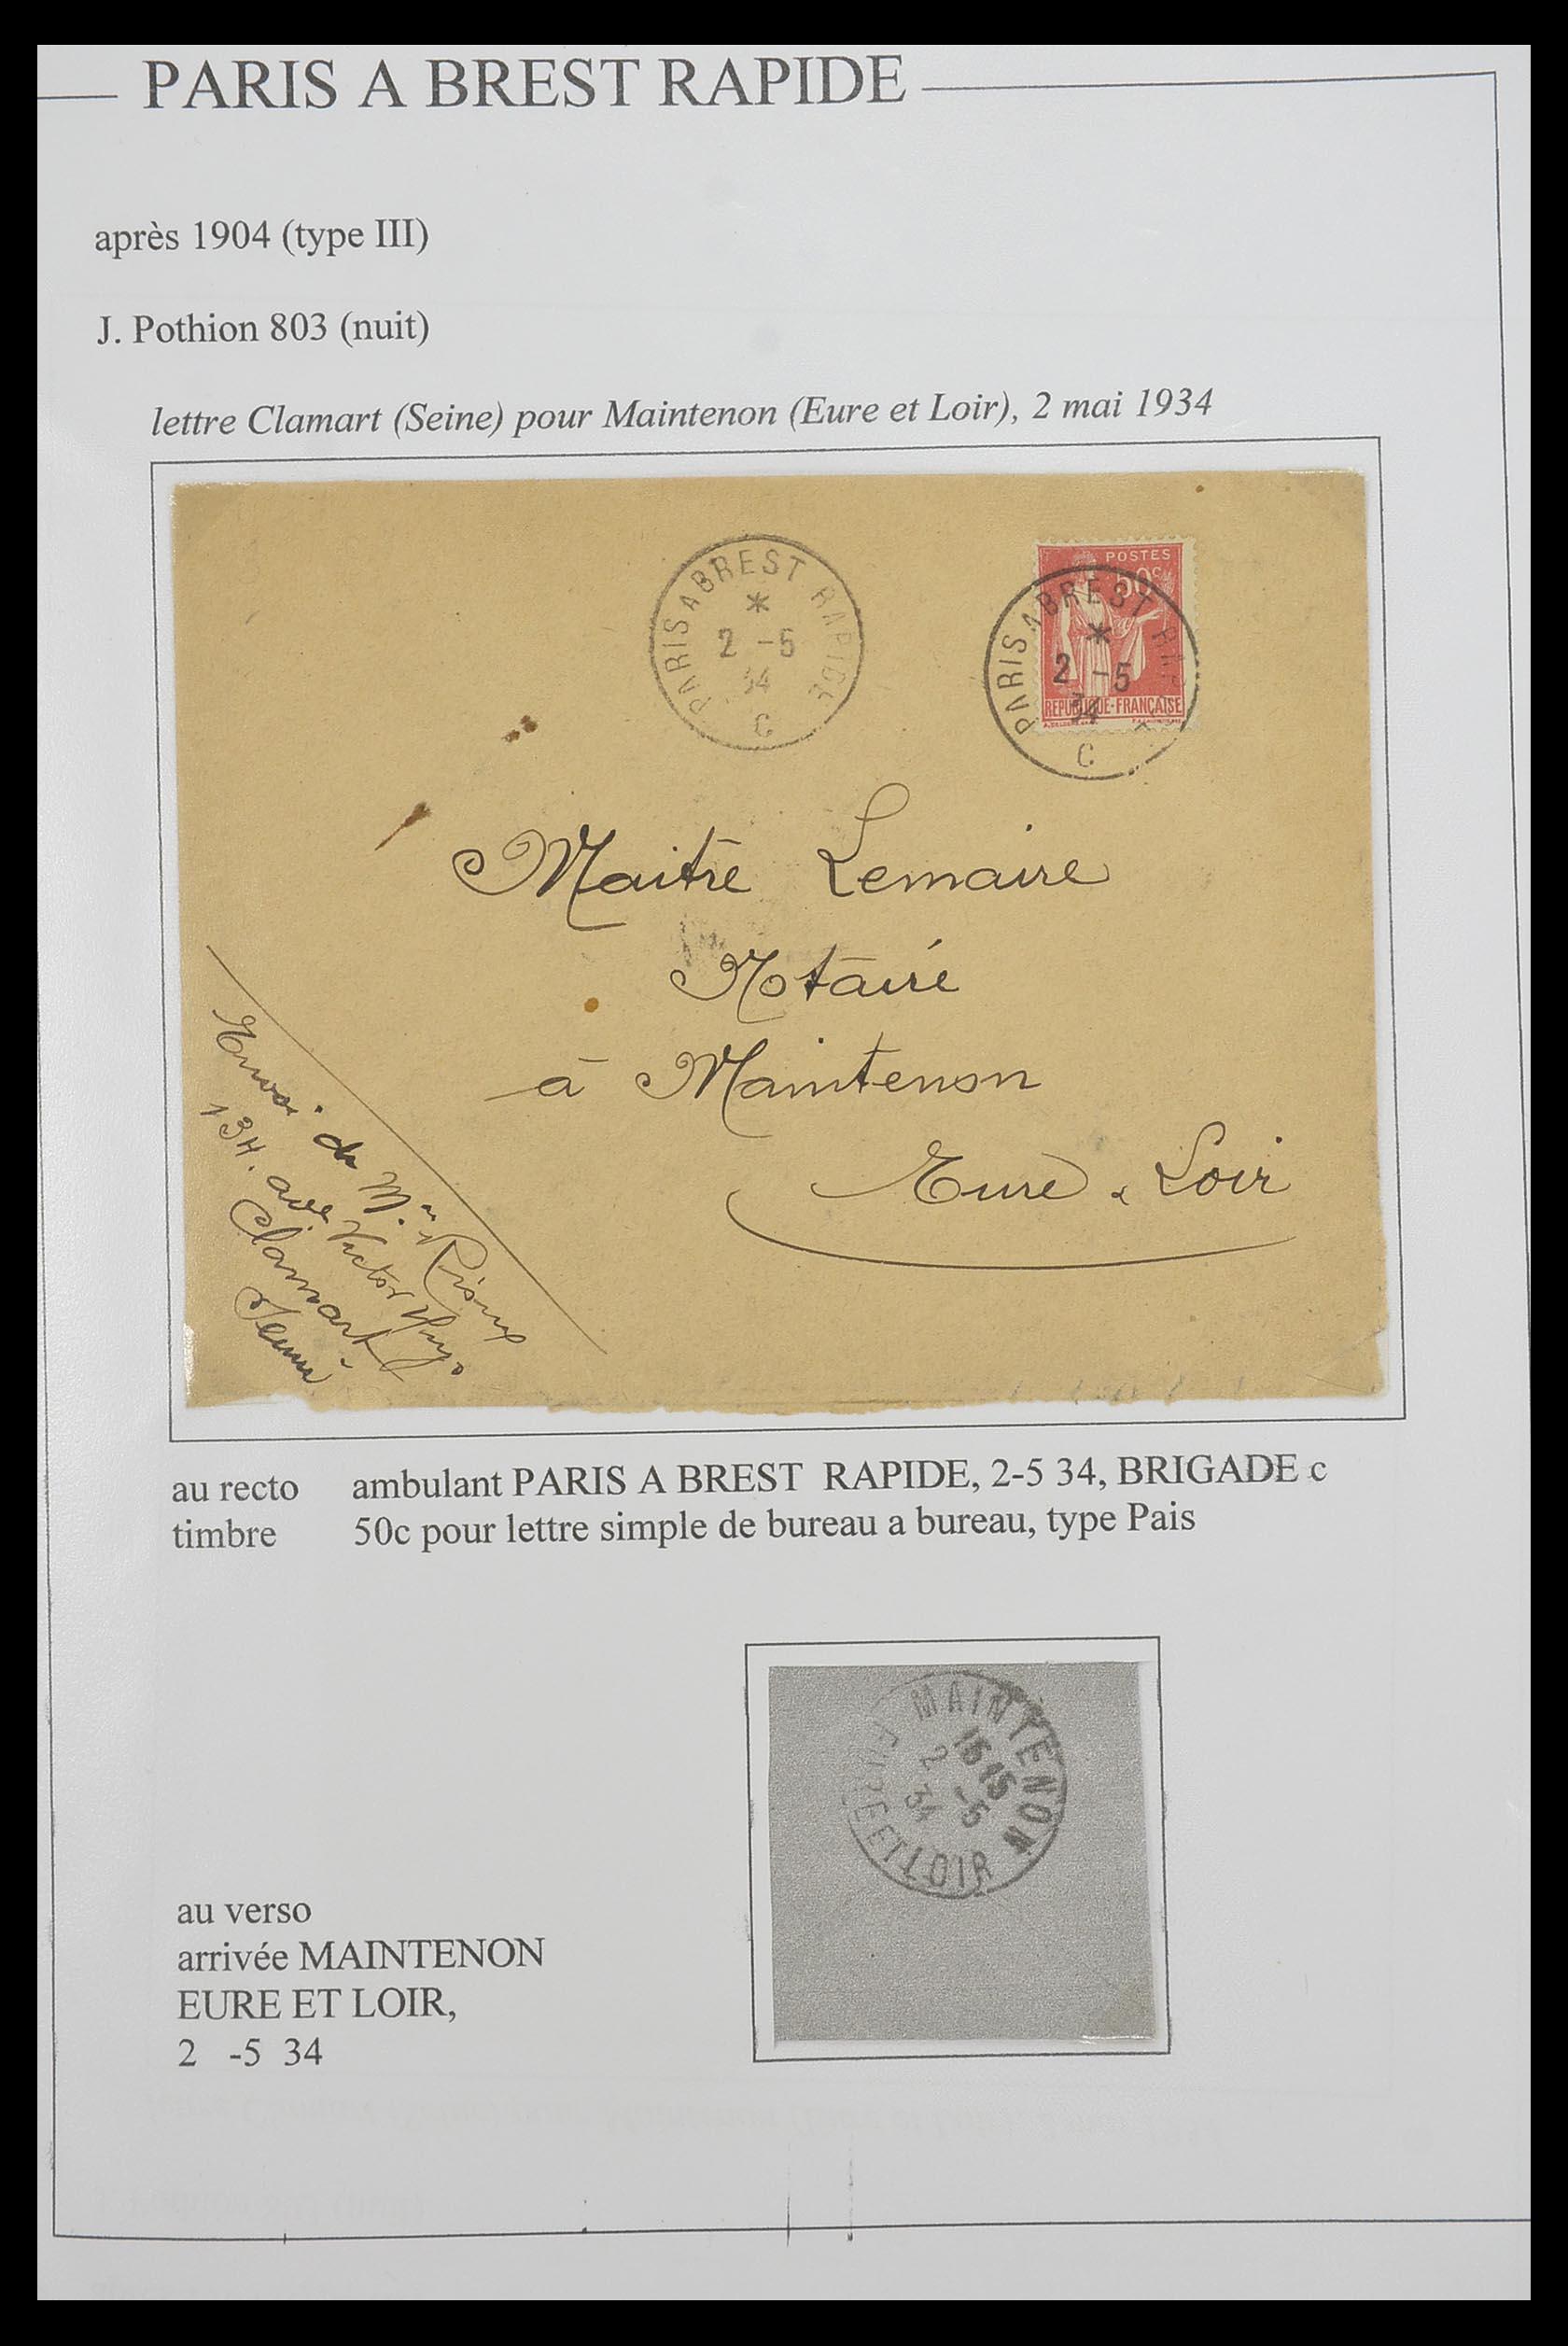 33624 006 - Postzegelverzameling 33624 Frankrijk brieven 1854-1907.